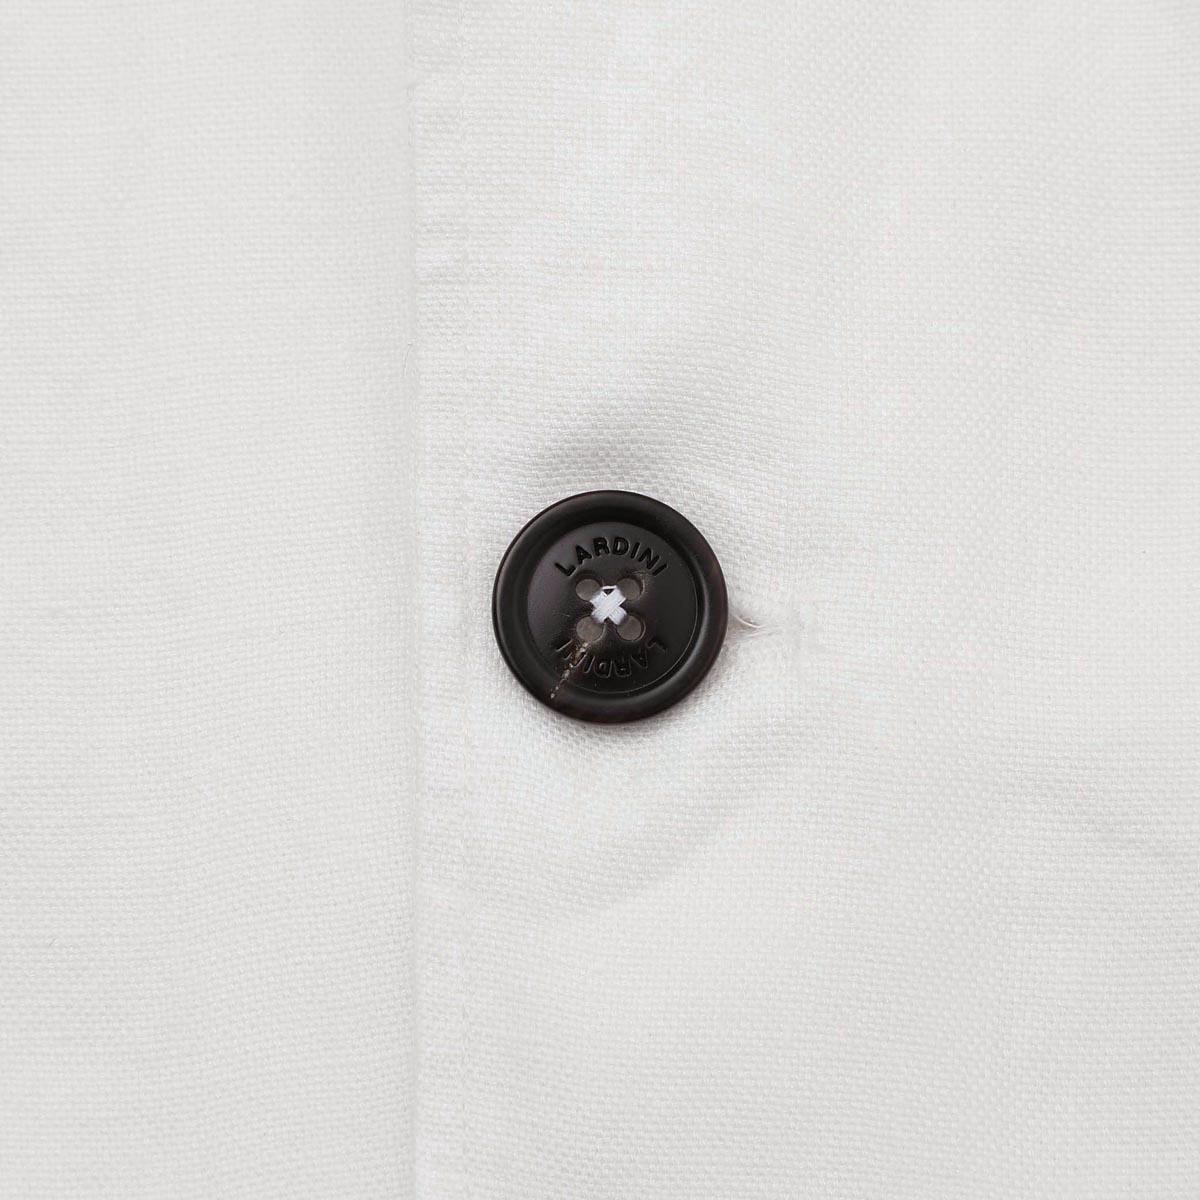 【タイムセール TOPS】【アウトレット】LARDINI ラルディーニ 2つボタン リネンジャケット メンズ